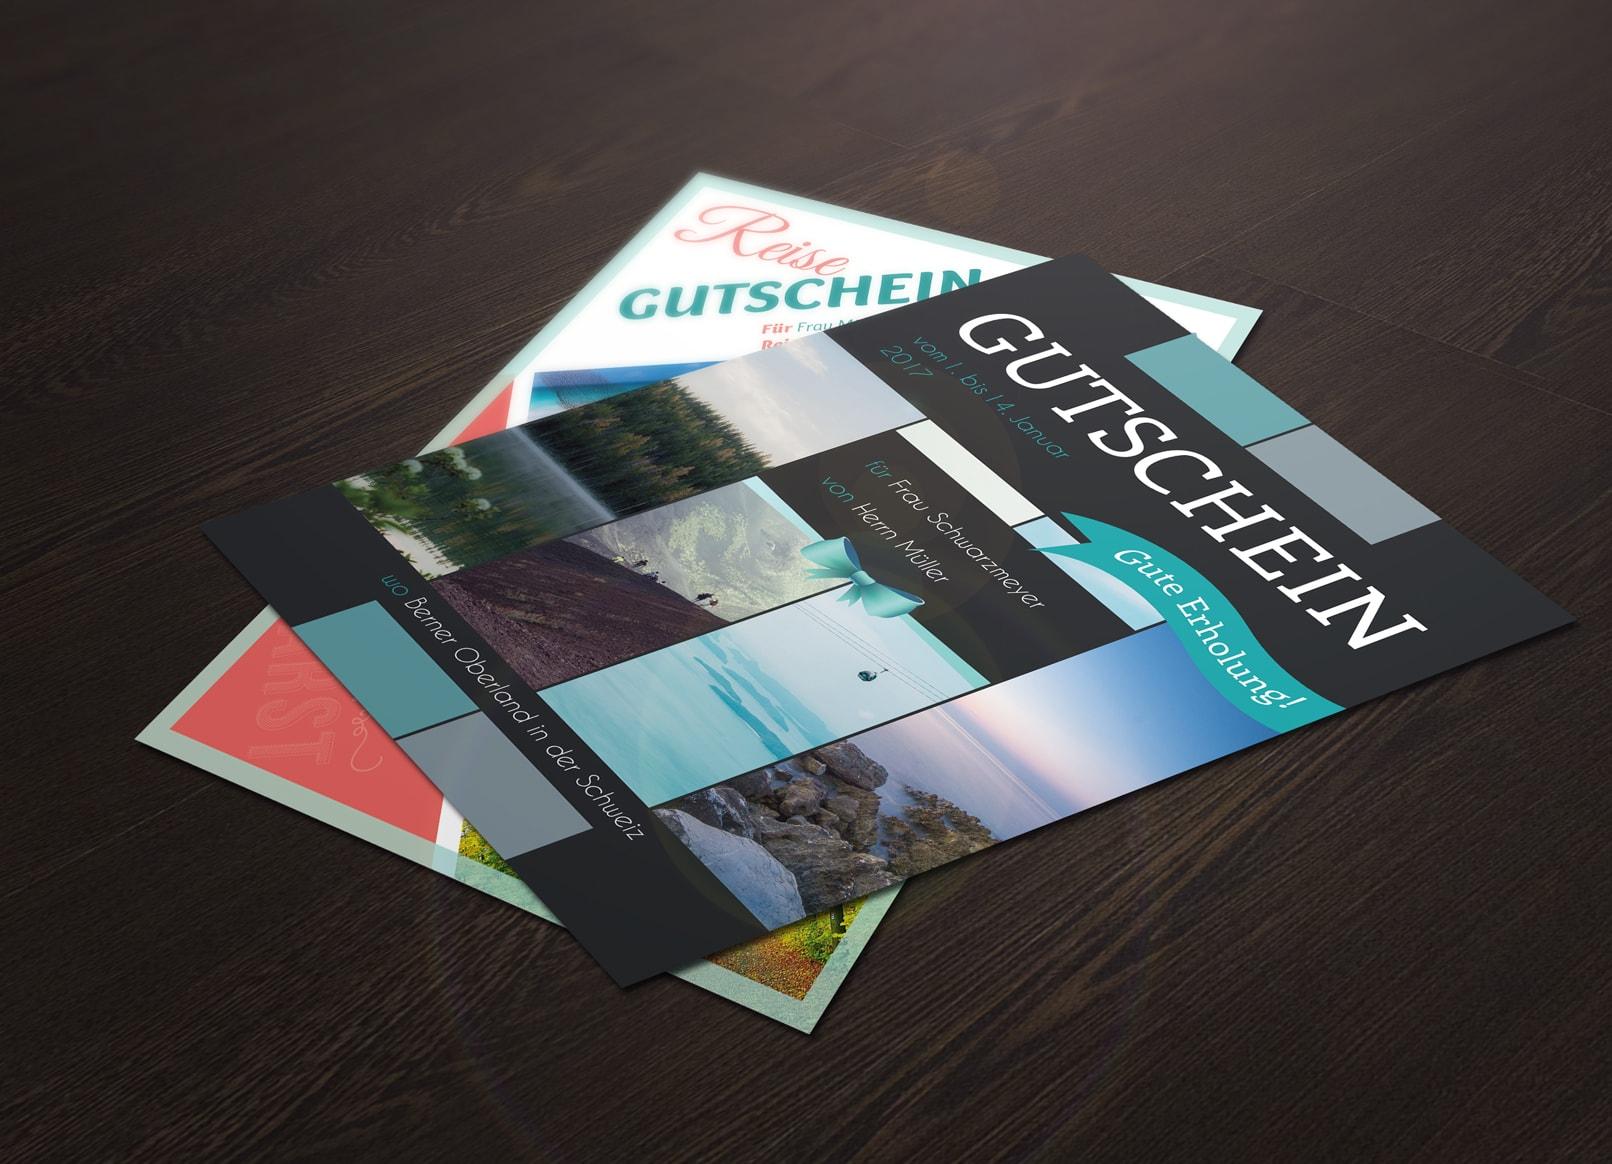 Vorlagen Geschenk Gutschein Für Word Und Photoshop